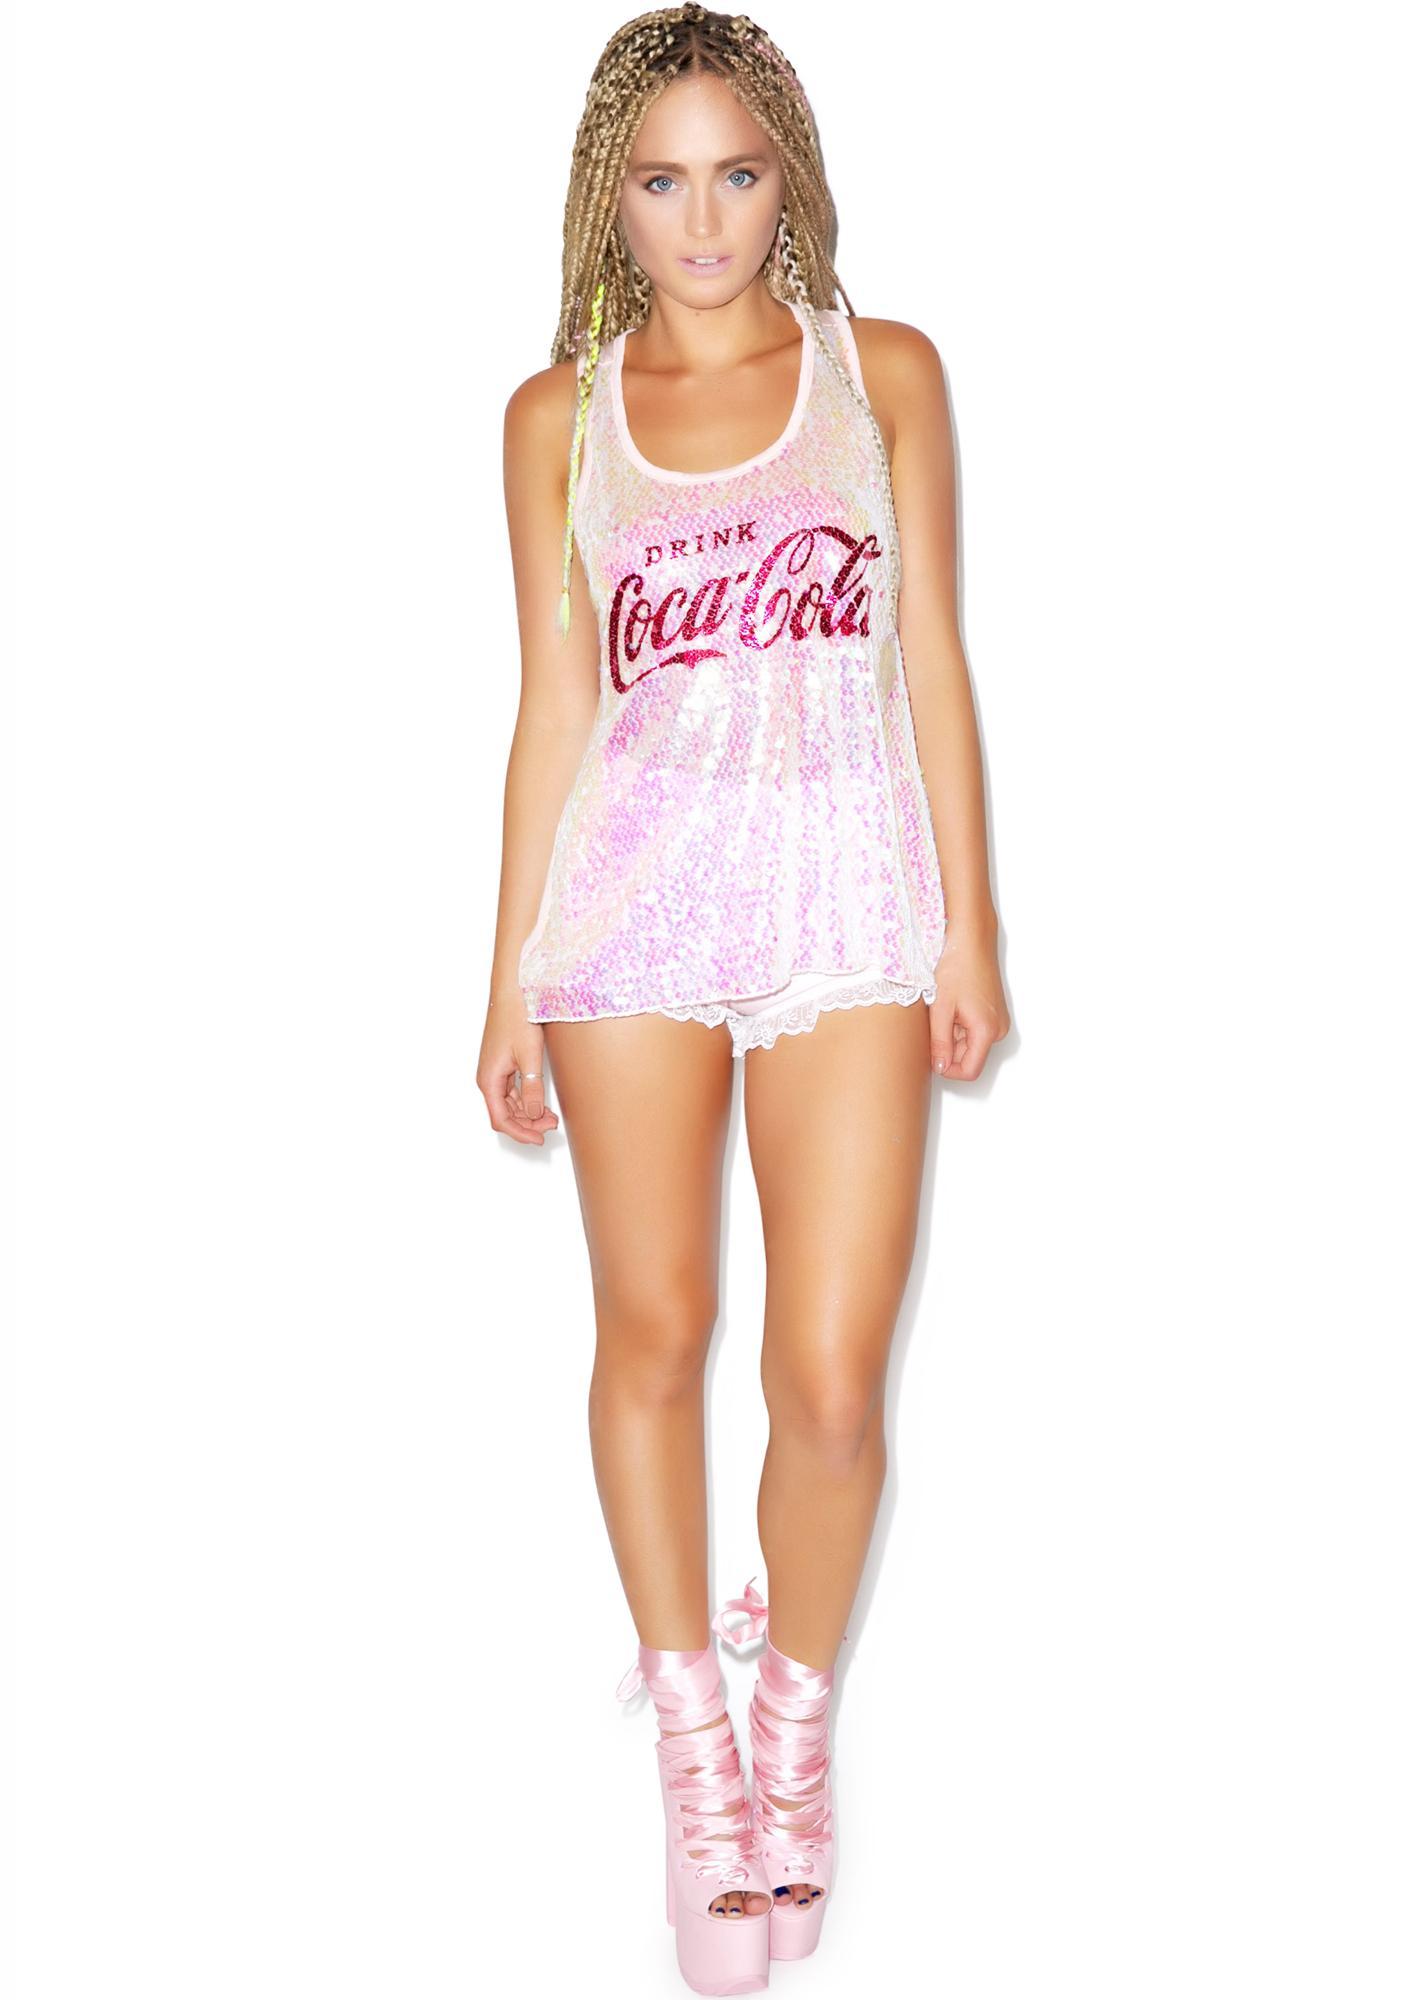 Drink Coca Cola Long Sequin Tank